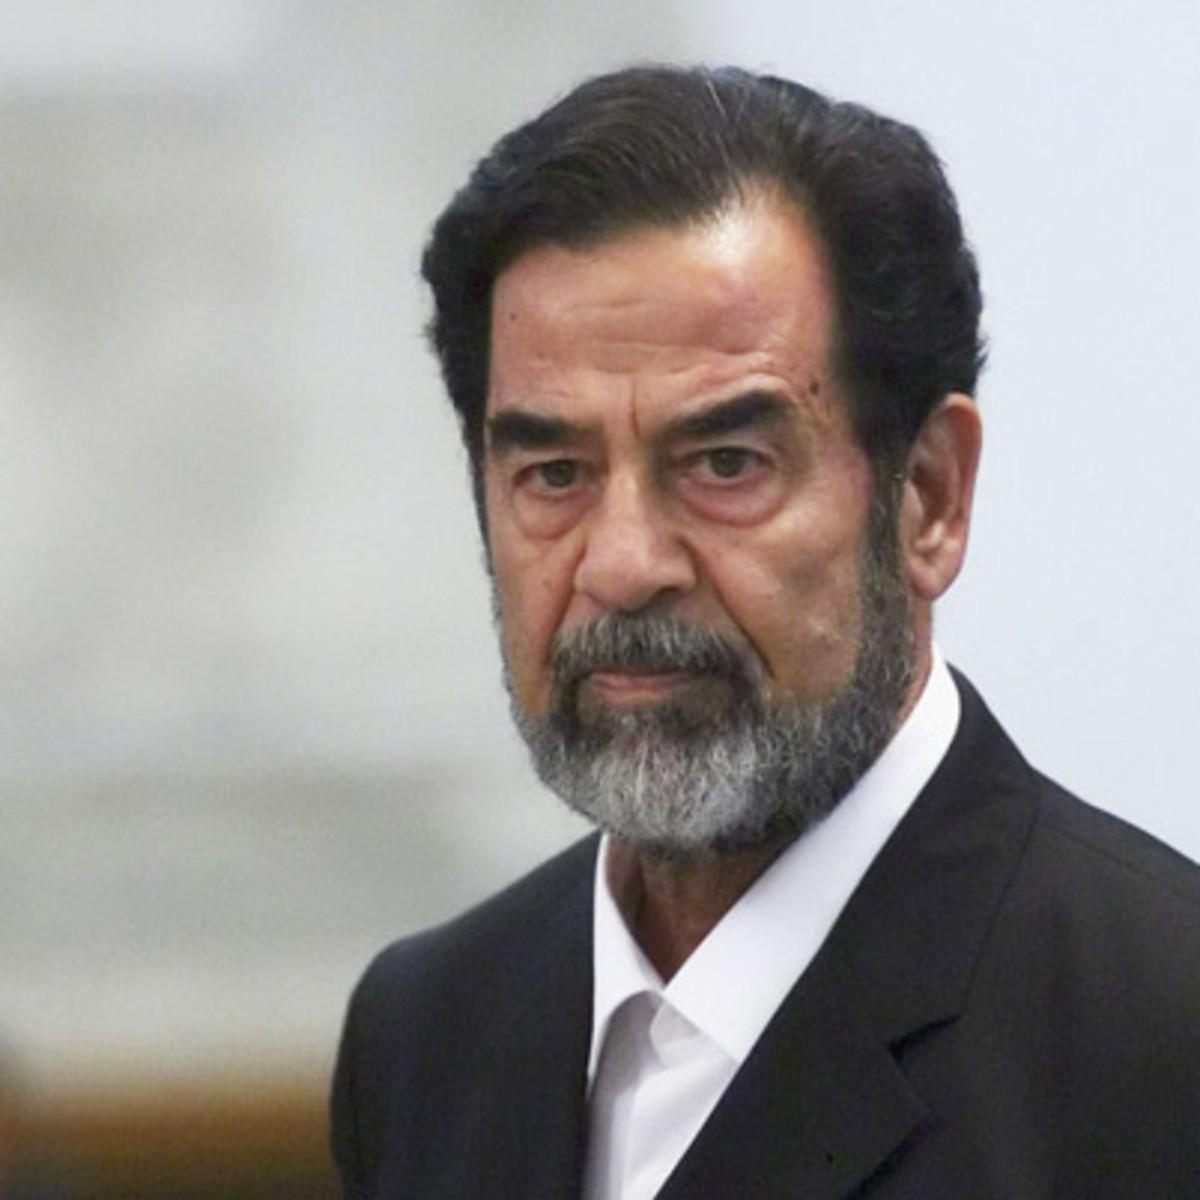 Saddam Hussein 9347918 1 402, Fatos Desconhecidos